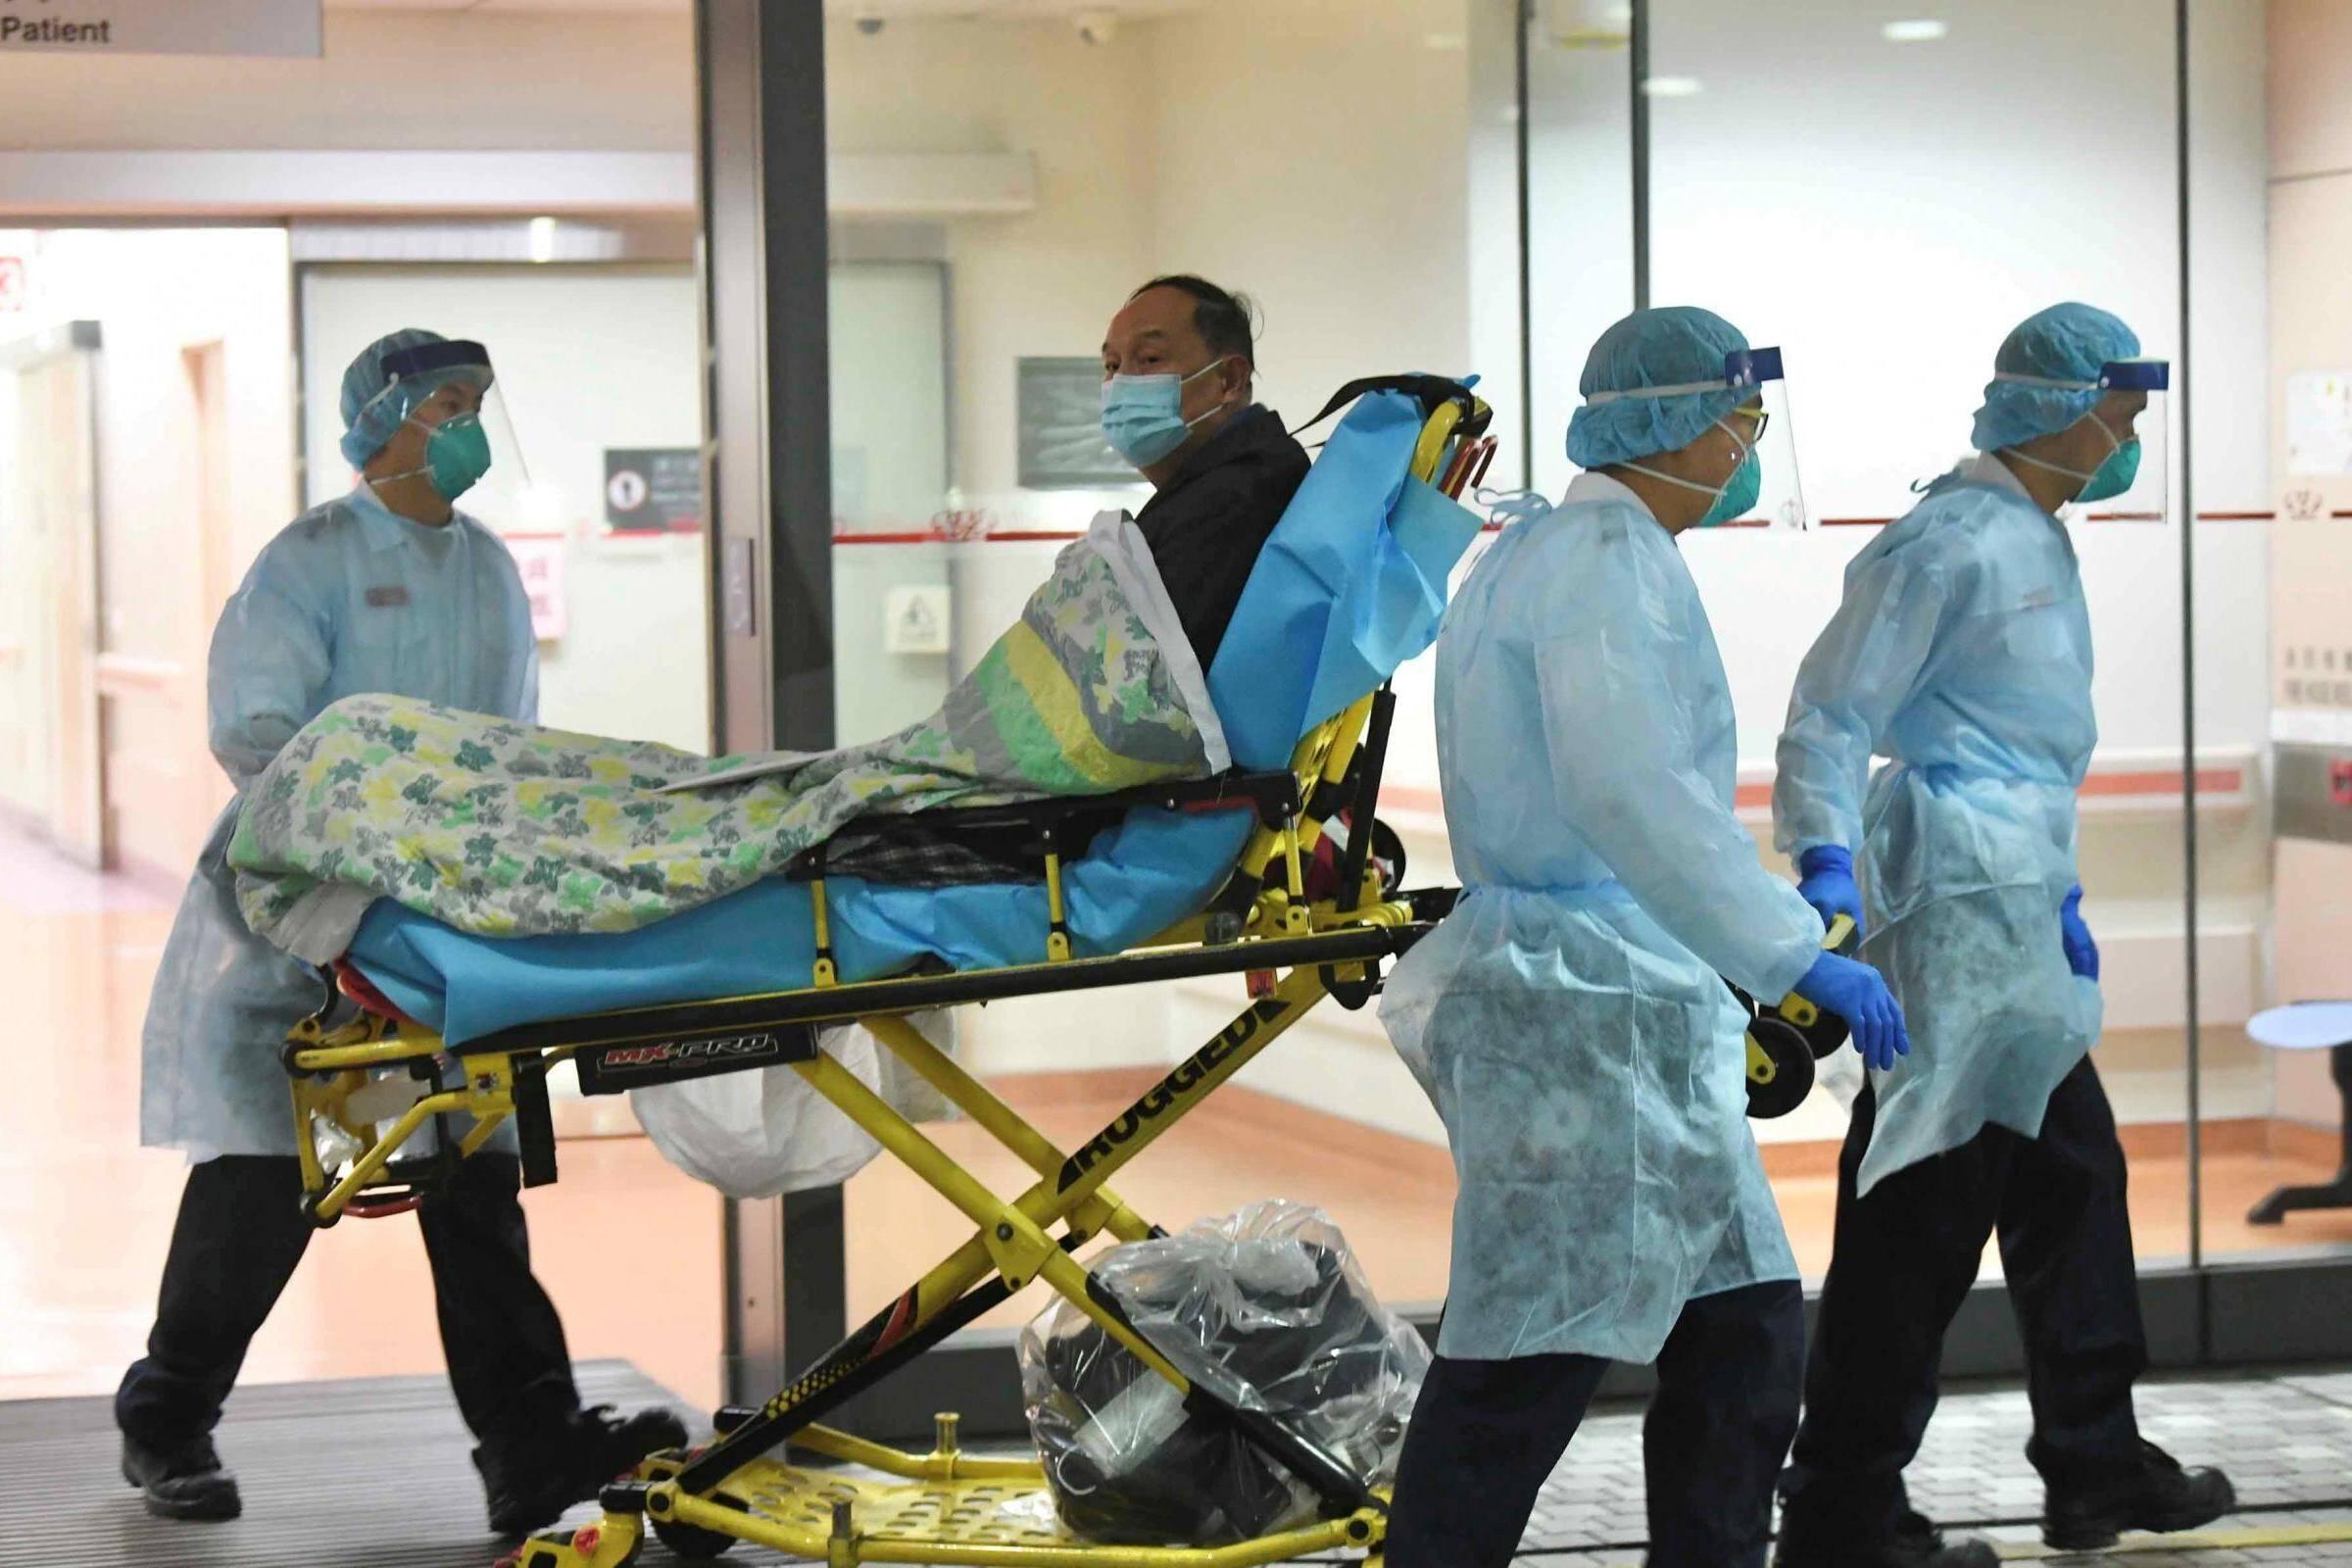 9 biện pháp cần thiết giúp phòng ngừa lây nhiễm virus corona